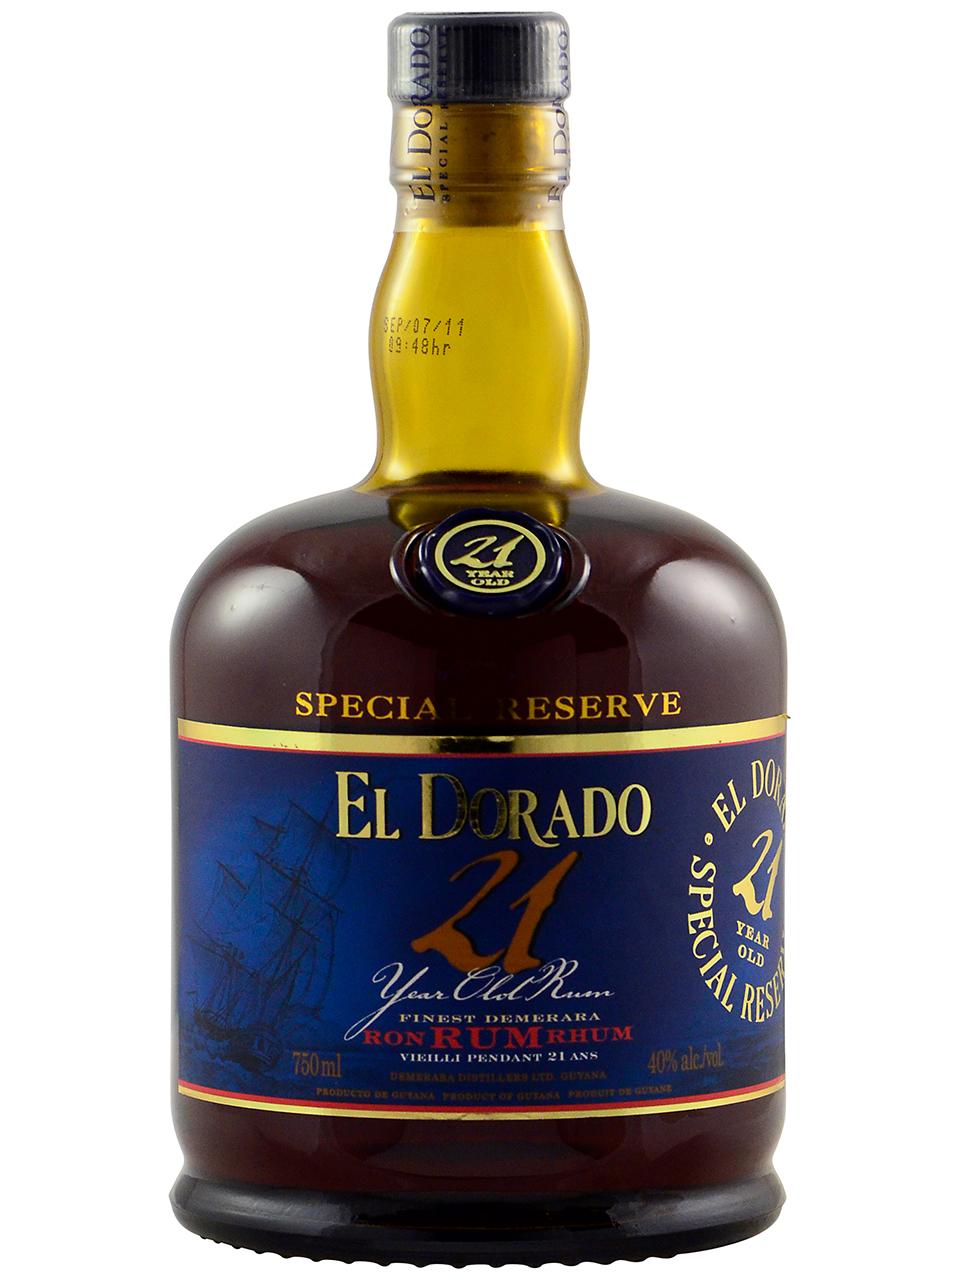 El Dorado 21 Year Old Rum